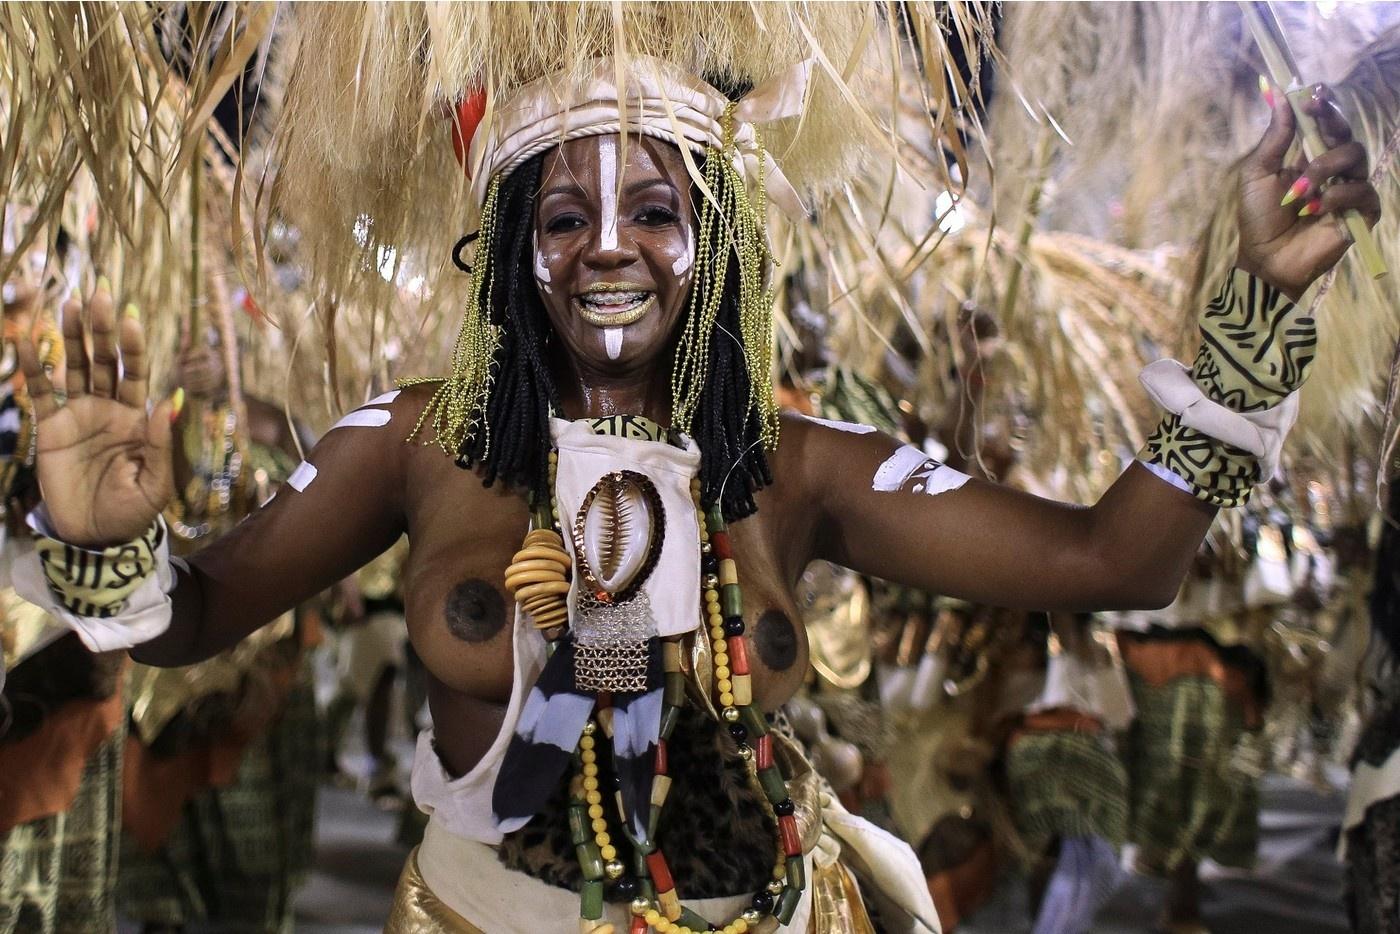 Участницы Бразильского карнавала в самых откровенных нарядах Без категории